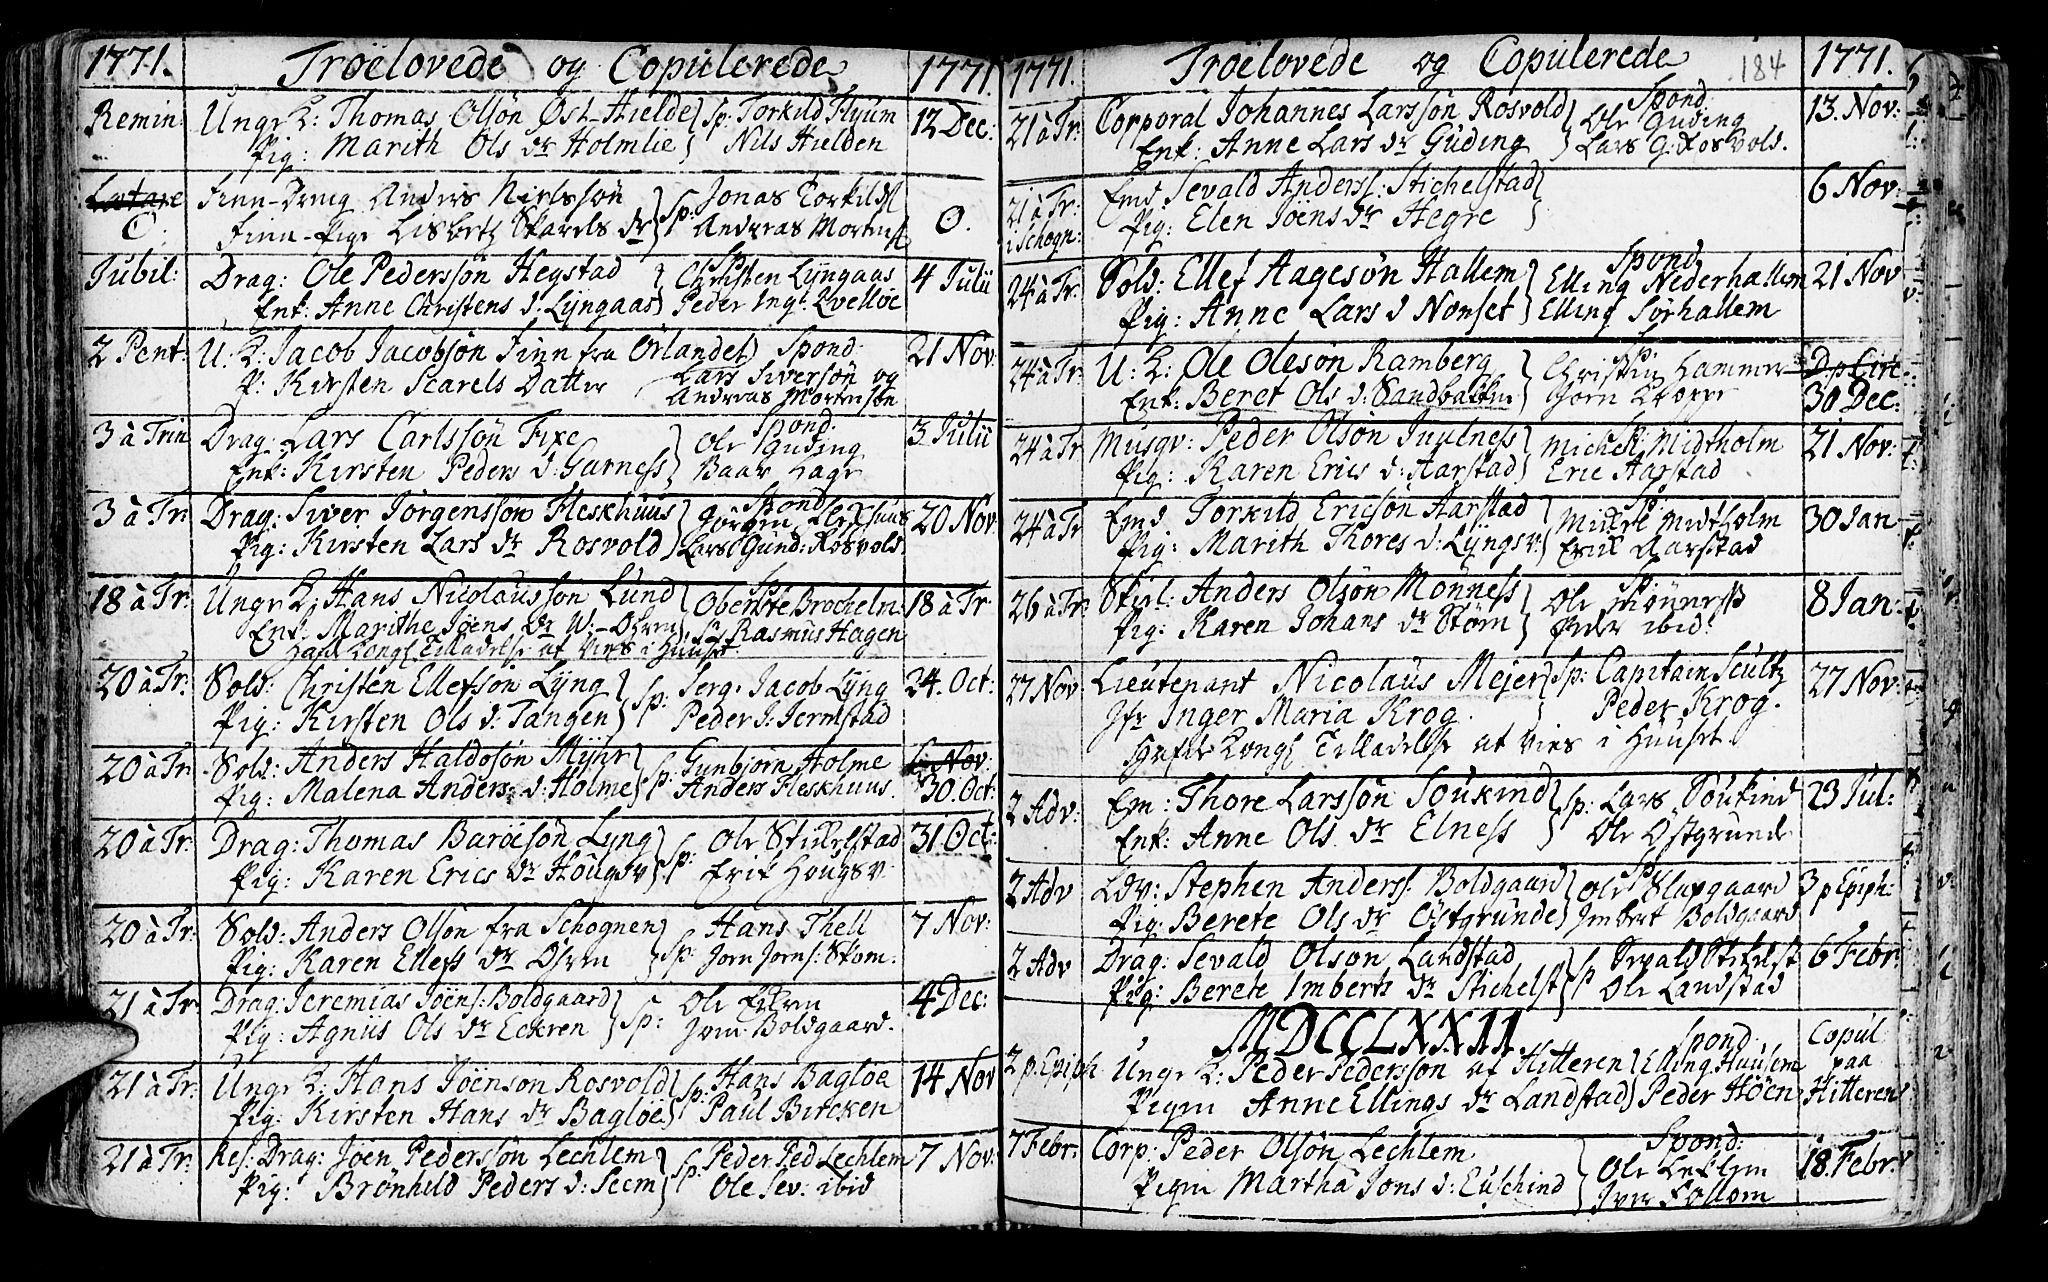 SAT, Ministerialprotokoller, klokkerbøker og fødselsregistre - Nord-Trøndelag, 723/L0231: Ministerialbok nr. 723A02, 1748-1780, s. 184